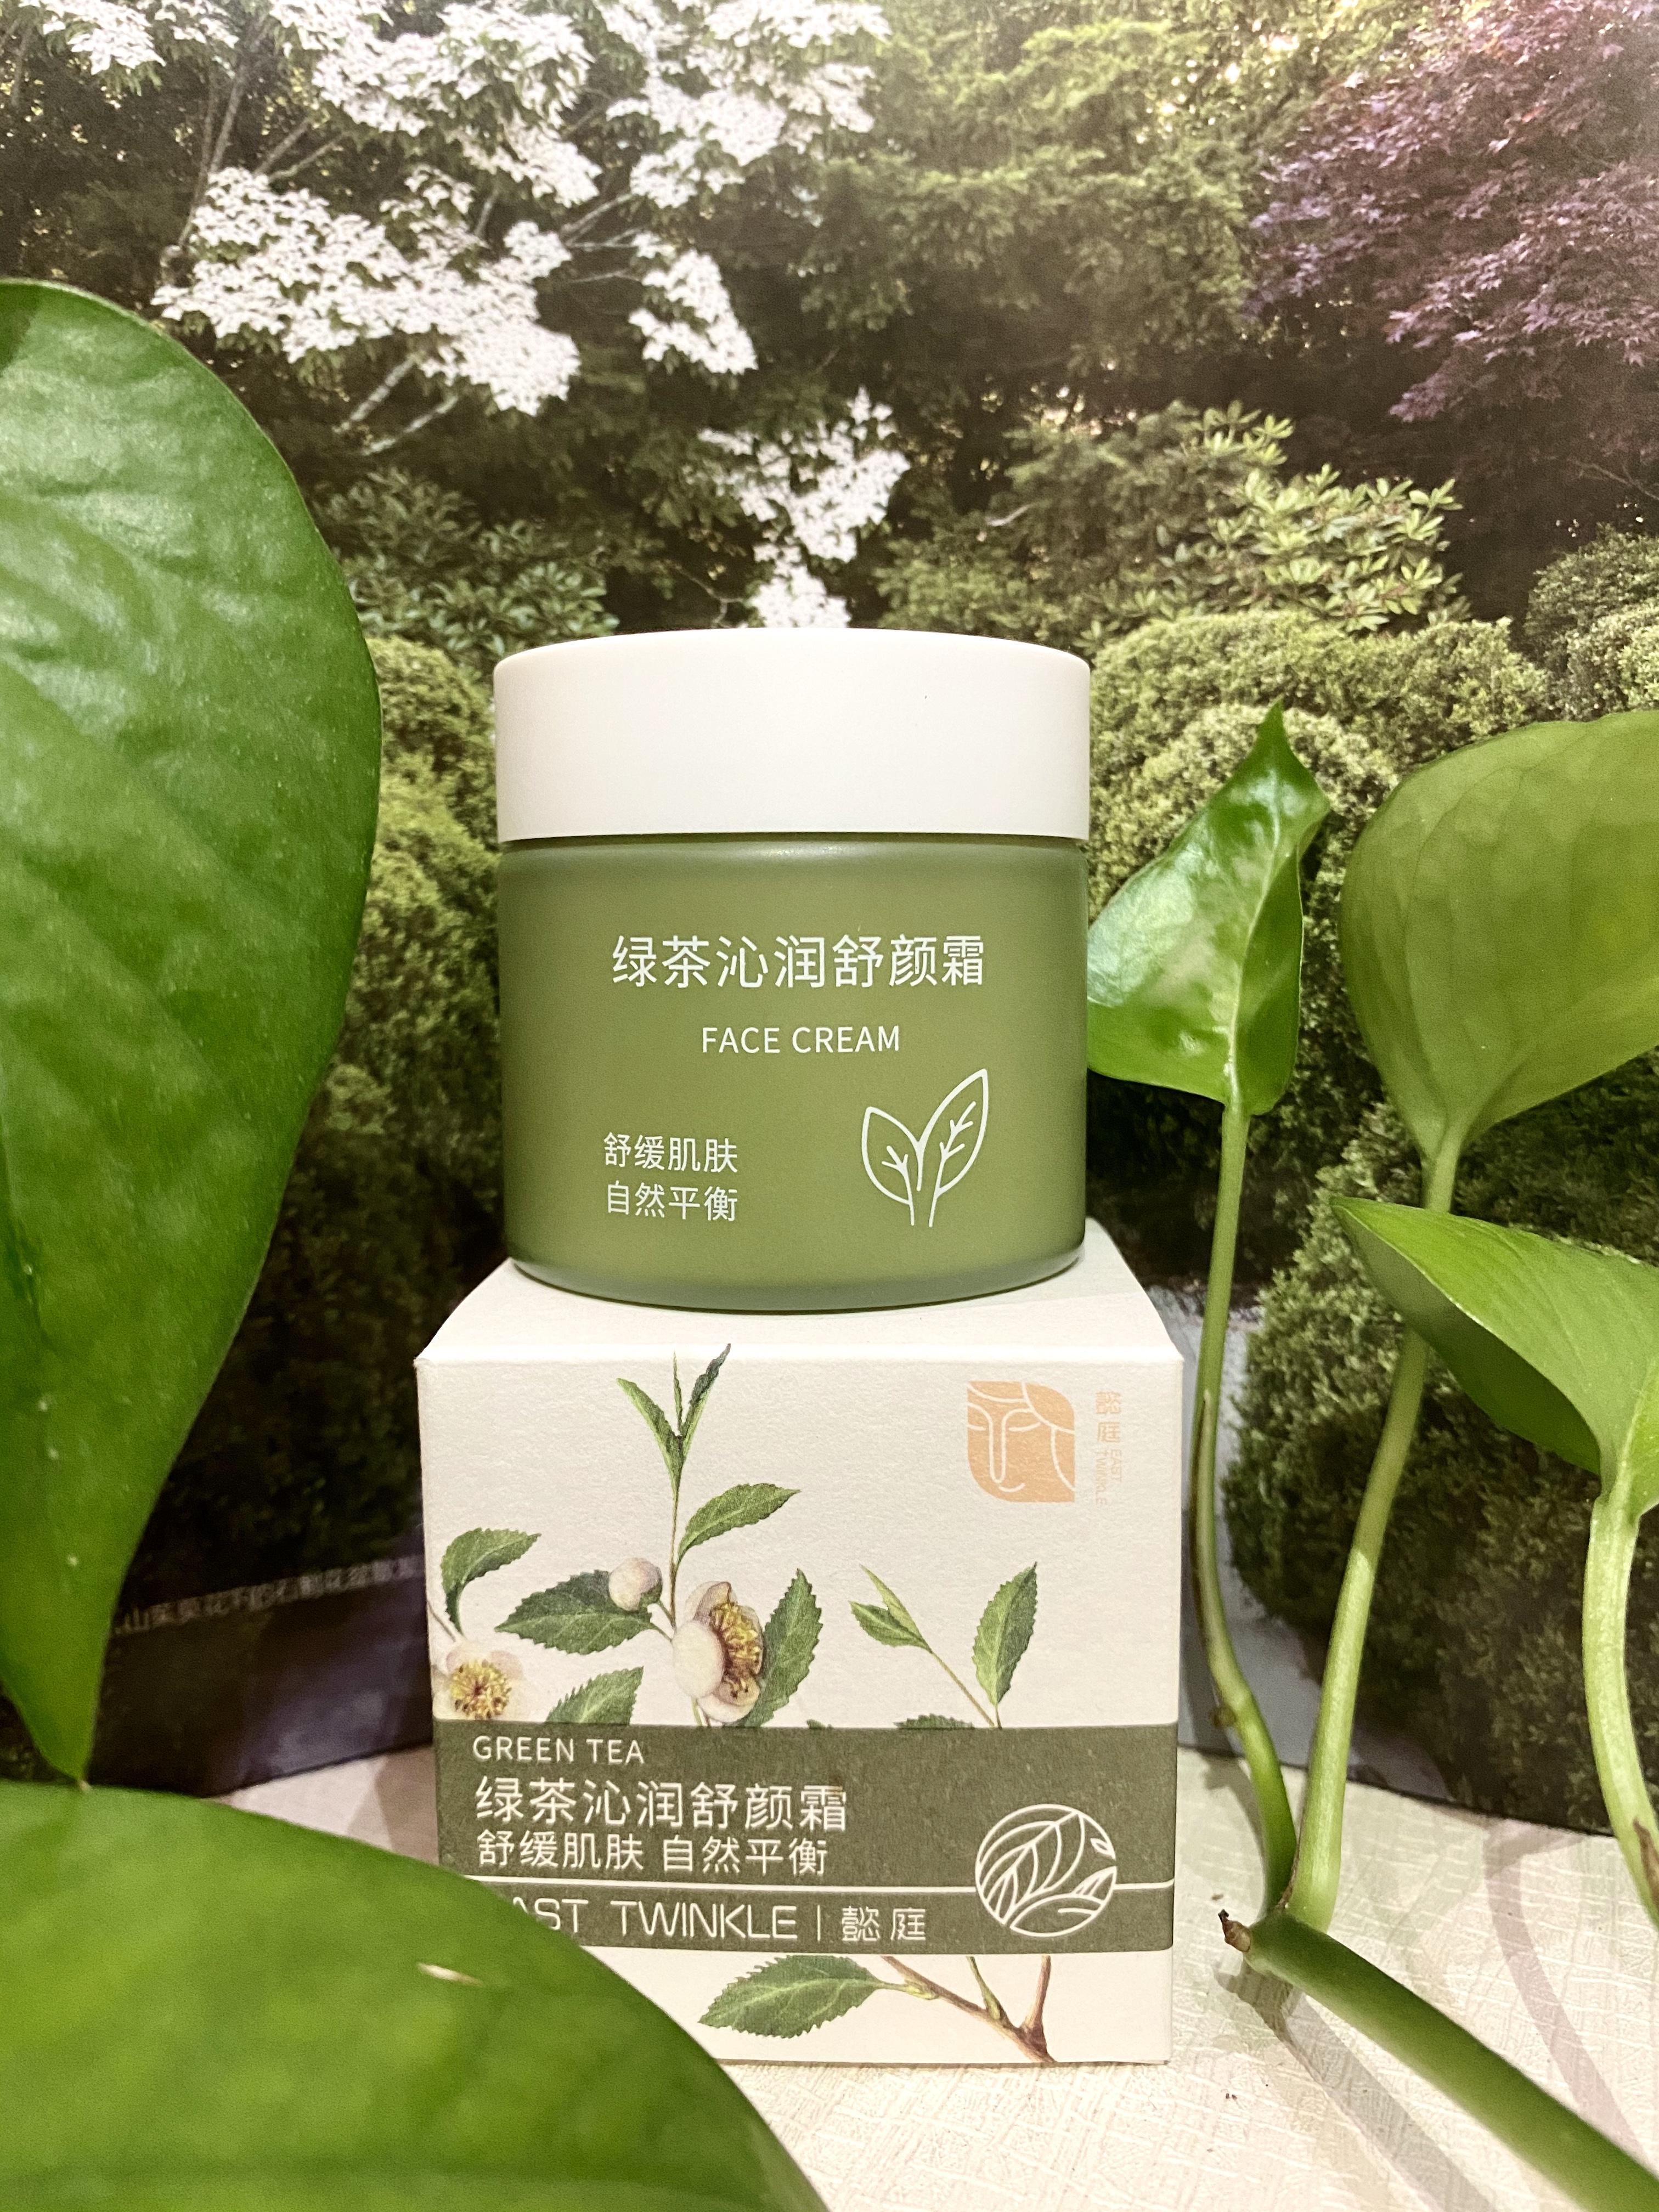 【屈臣氏同款】懿庭绿茶沁润保湿面霜50g